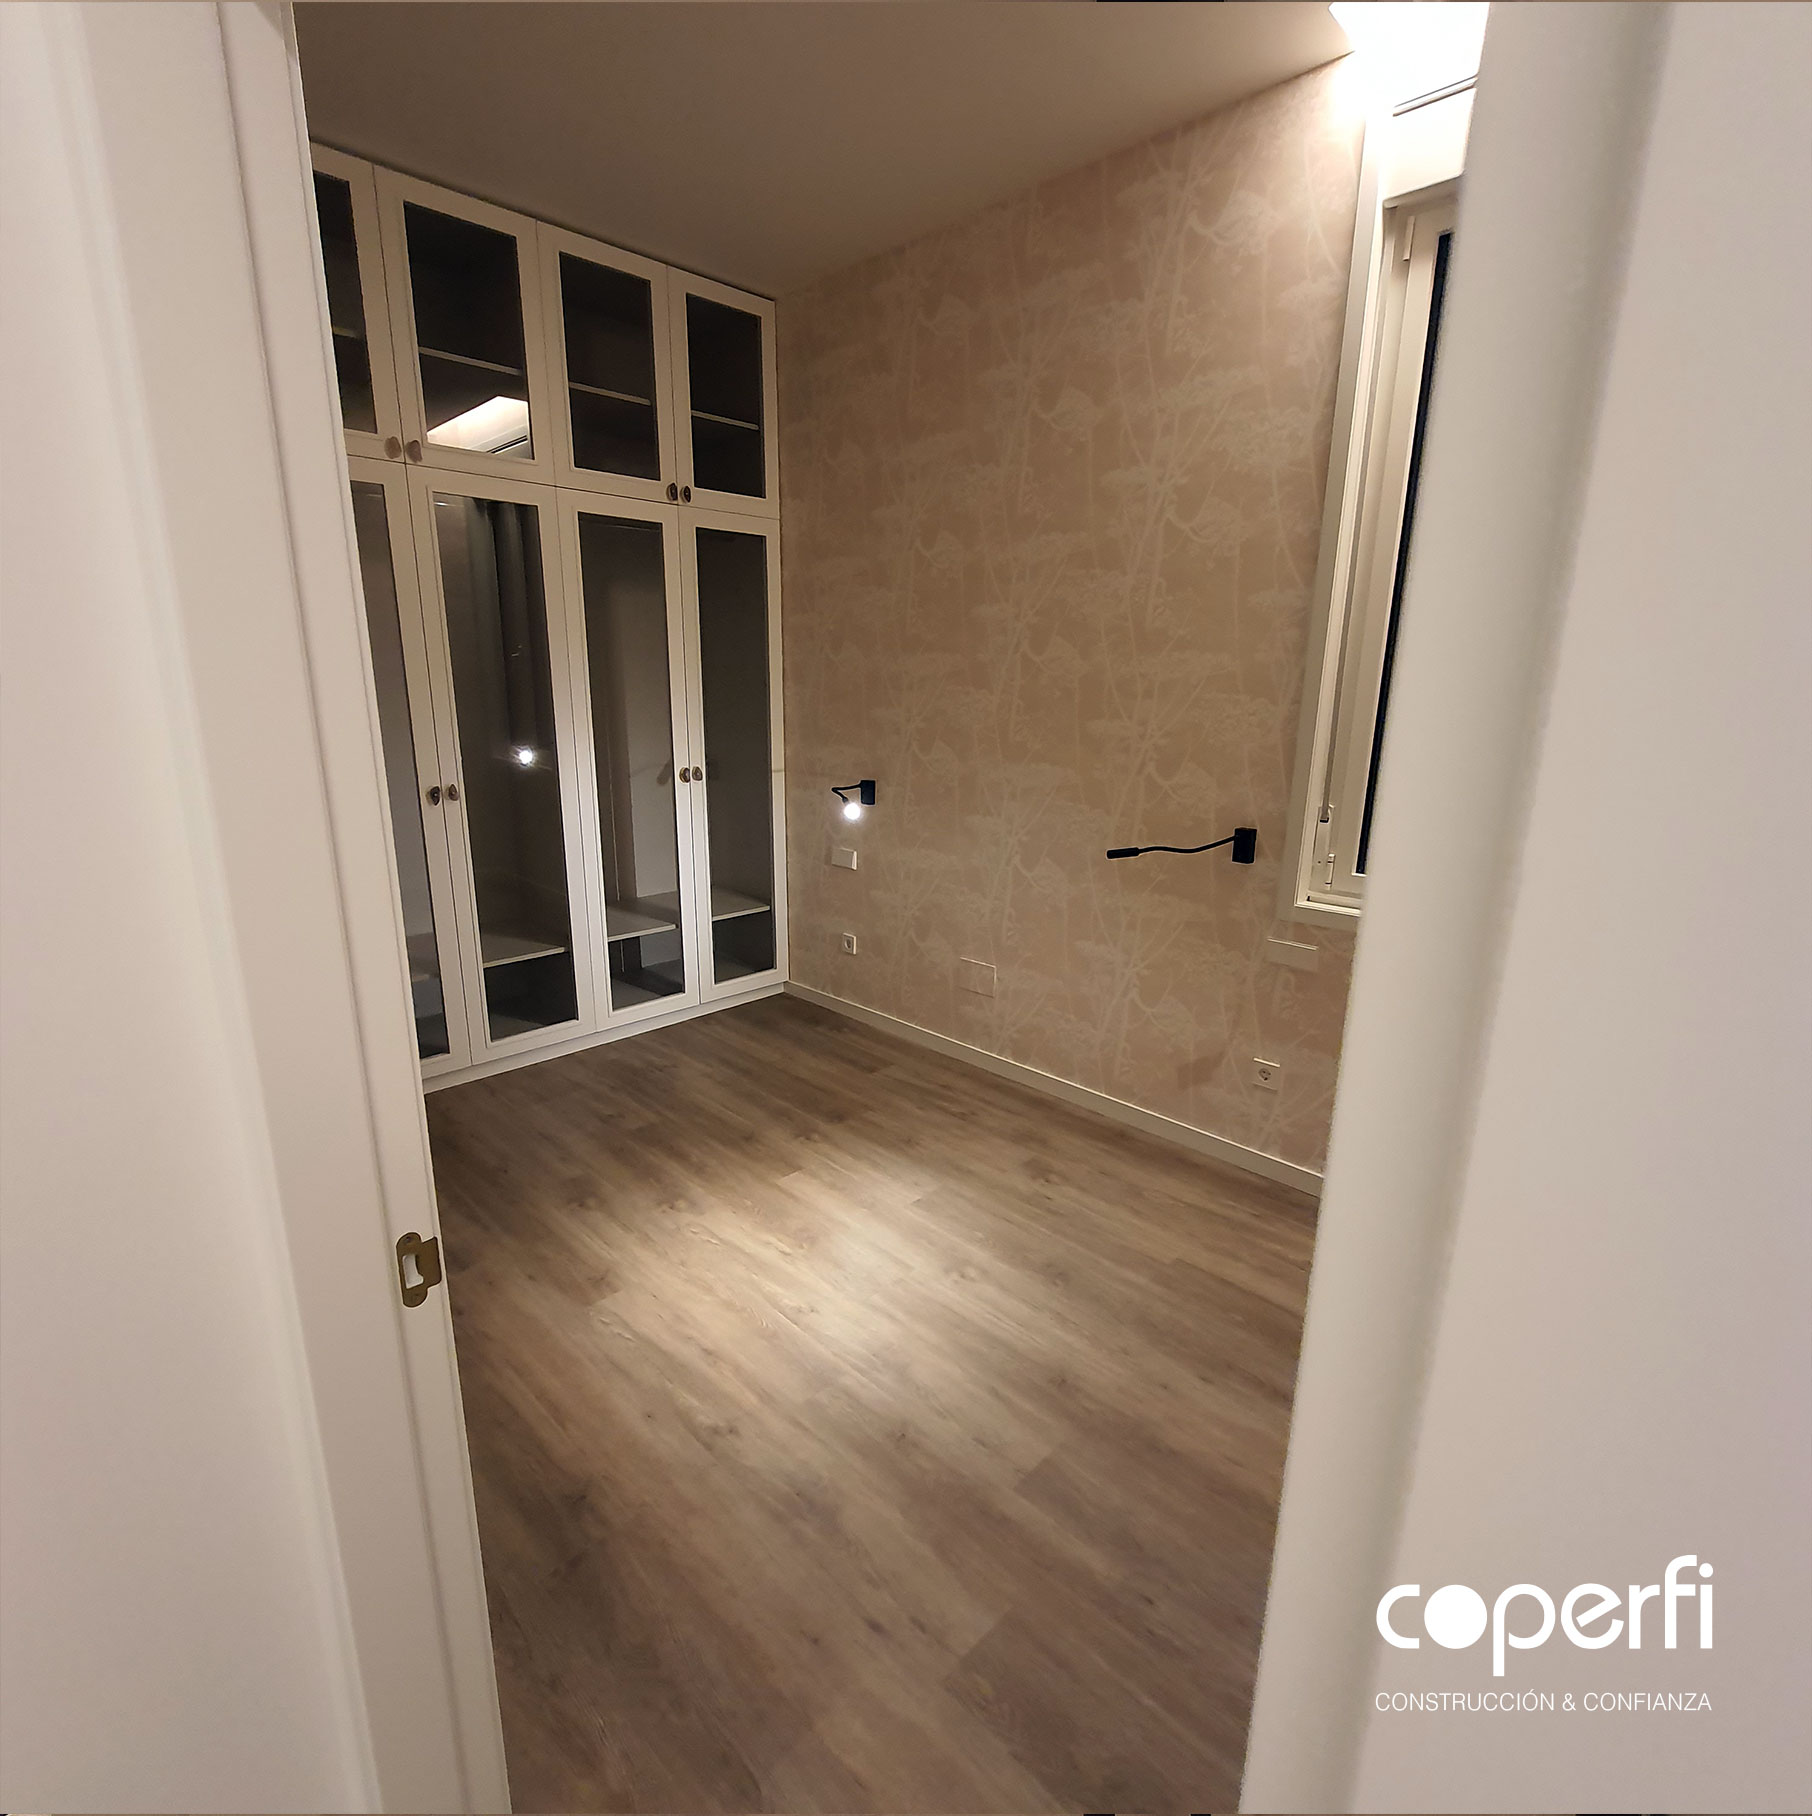 coperfi_habitacion_invitados_papel_pintado_